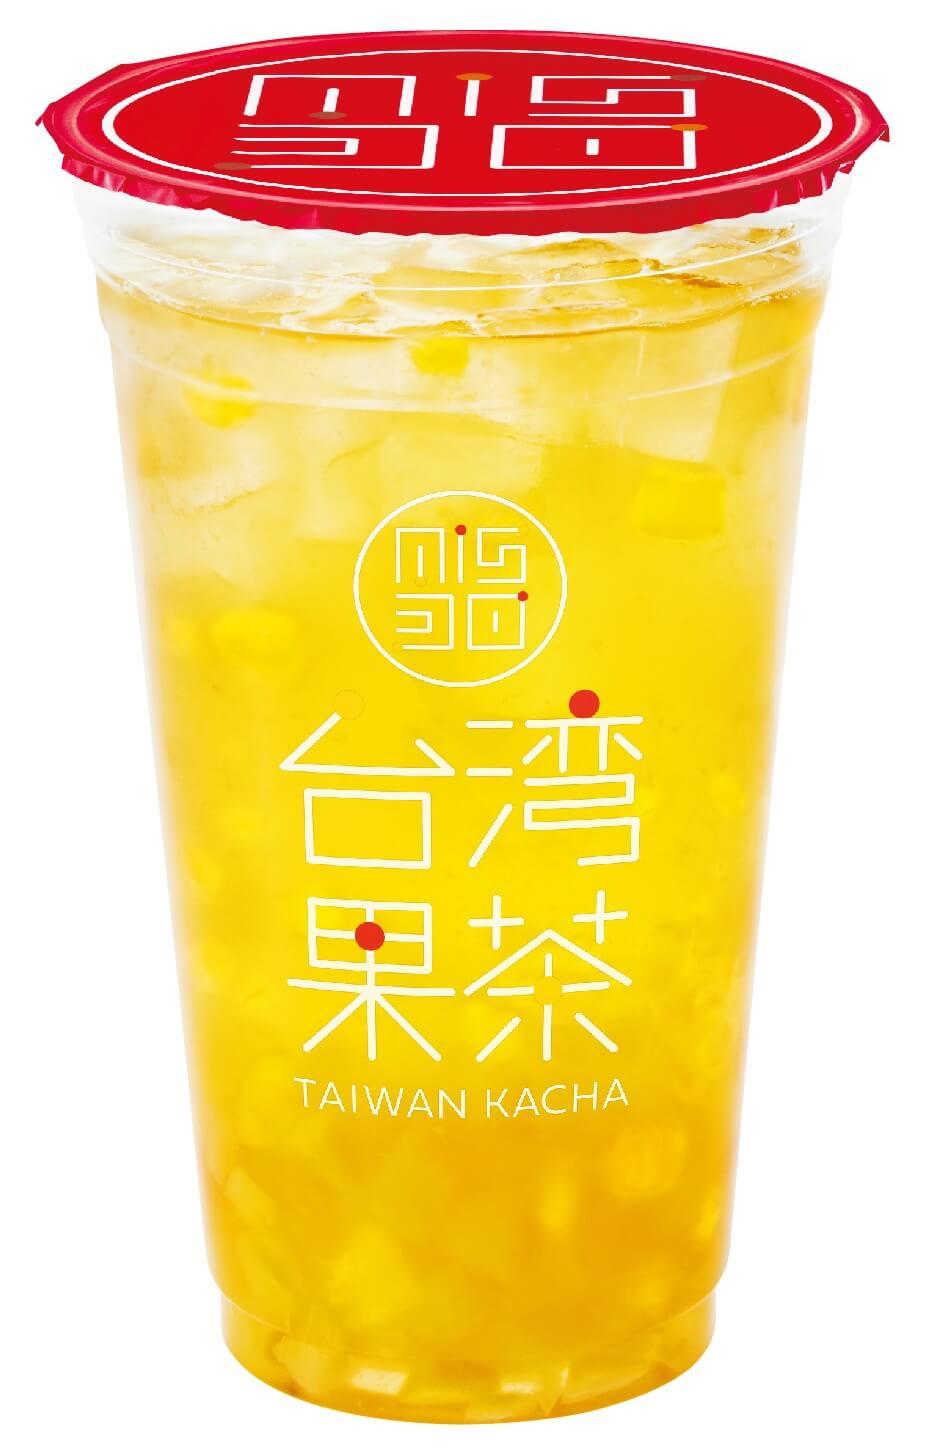 ミスタードーナツ『台湾果茶』-パインマンゴージャスミン